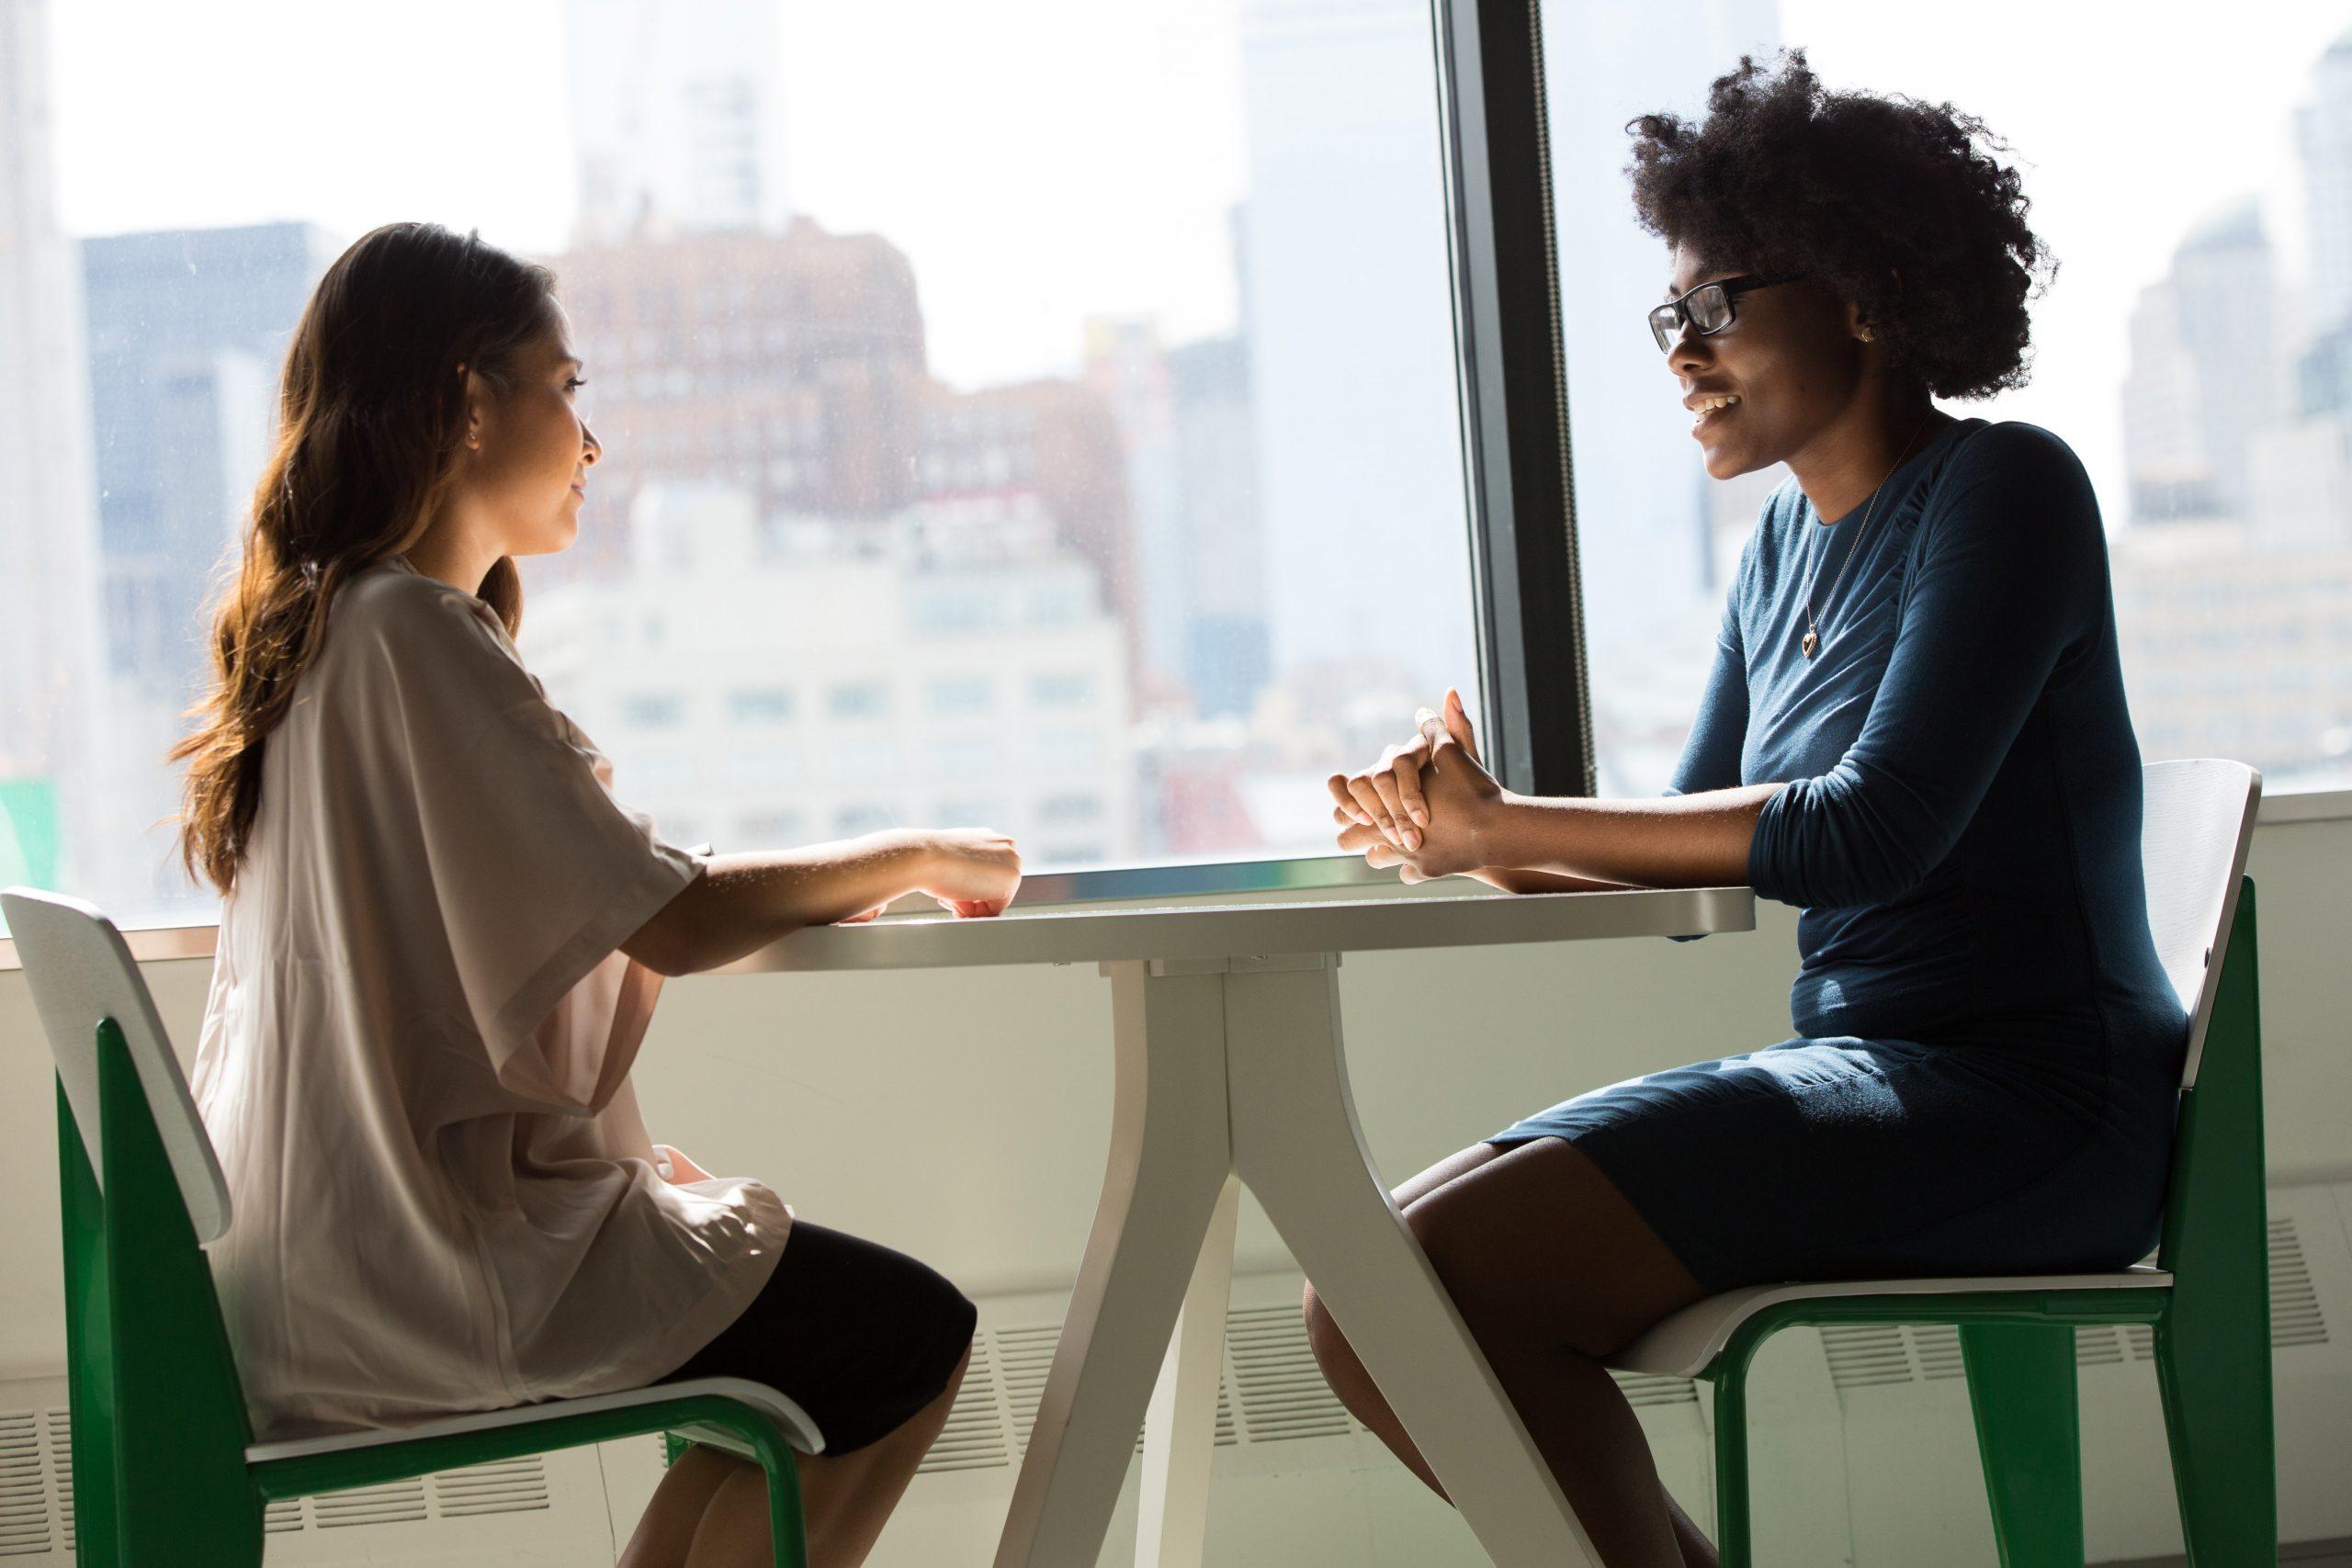 duas mulheres sentadas se frente para outra